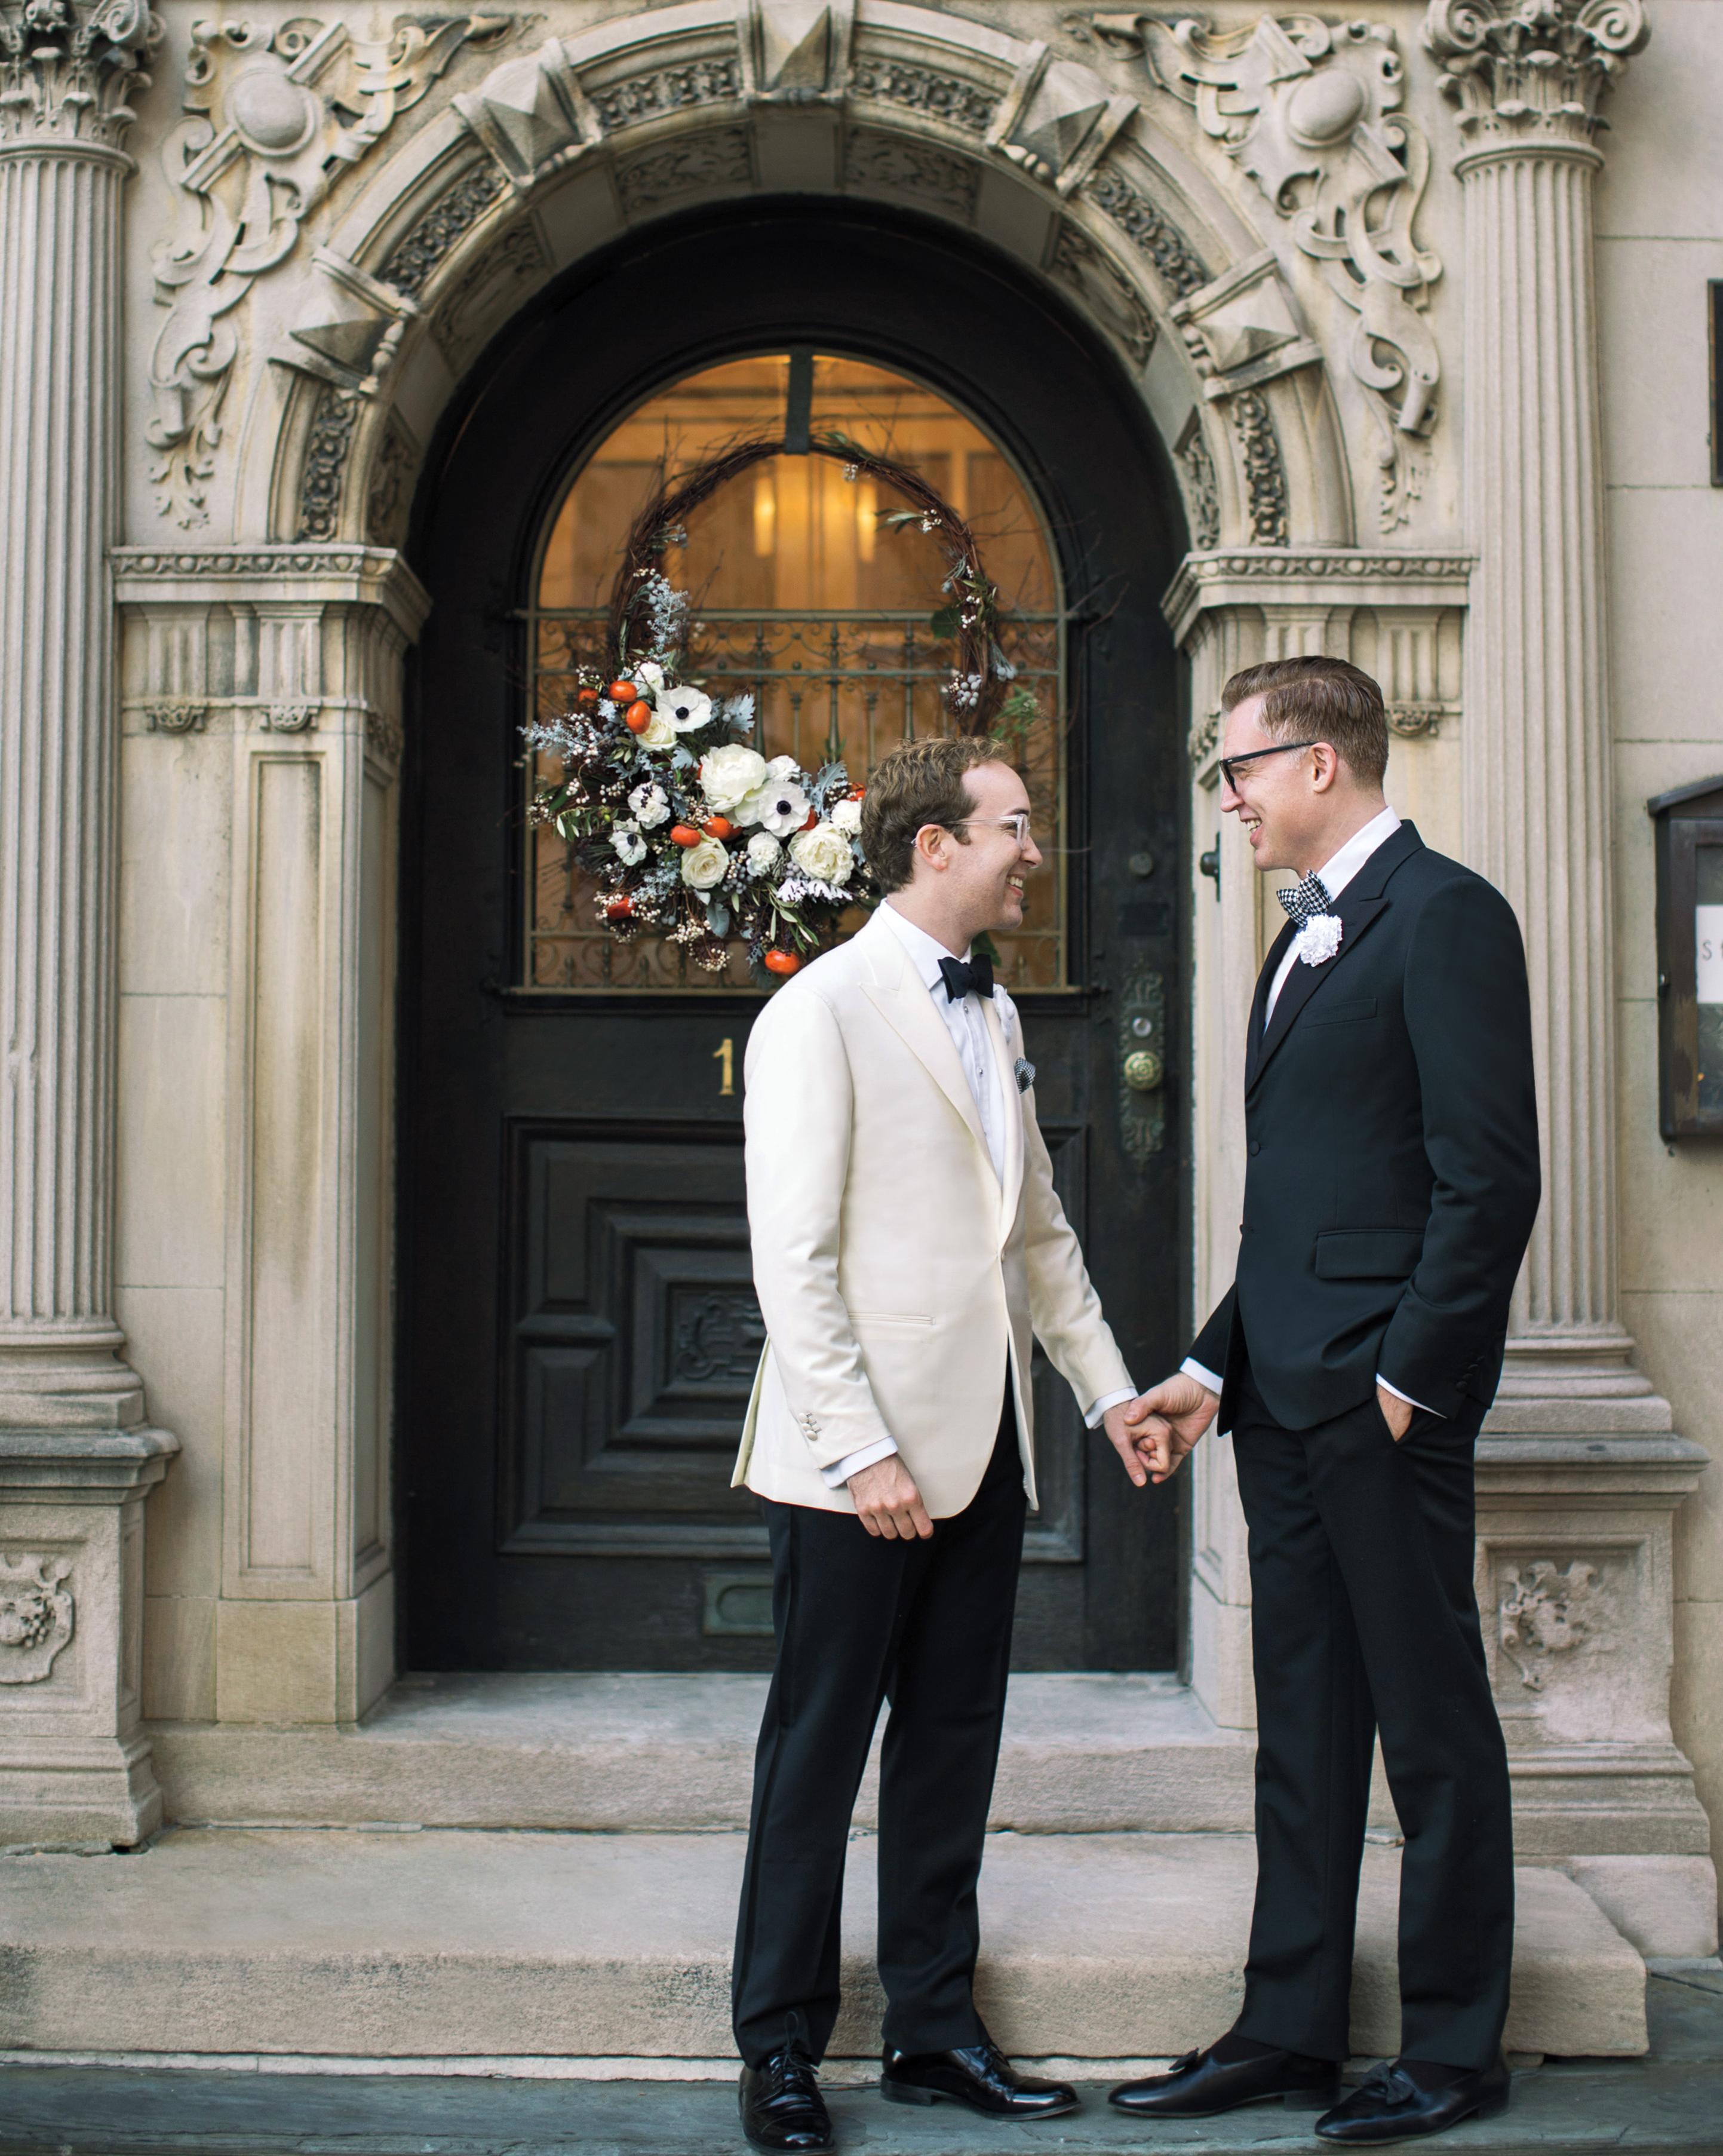 michael-aaron-wedding-141115metmic0002-d111619-comp.jpg